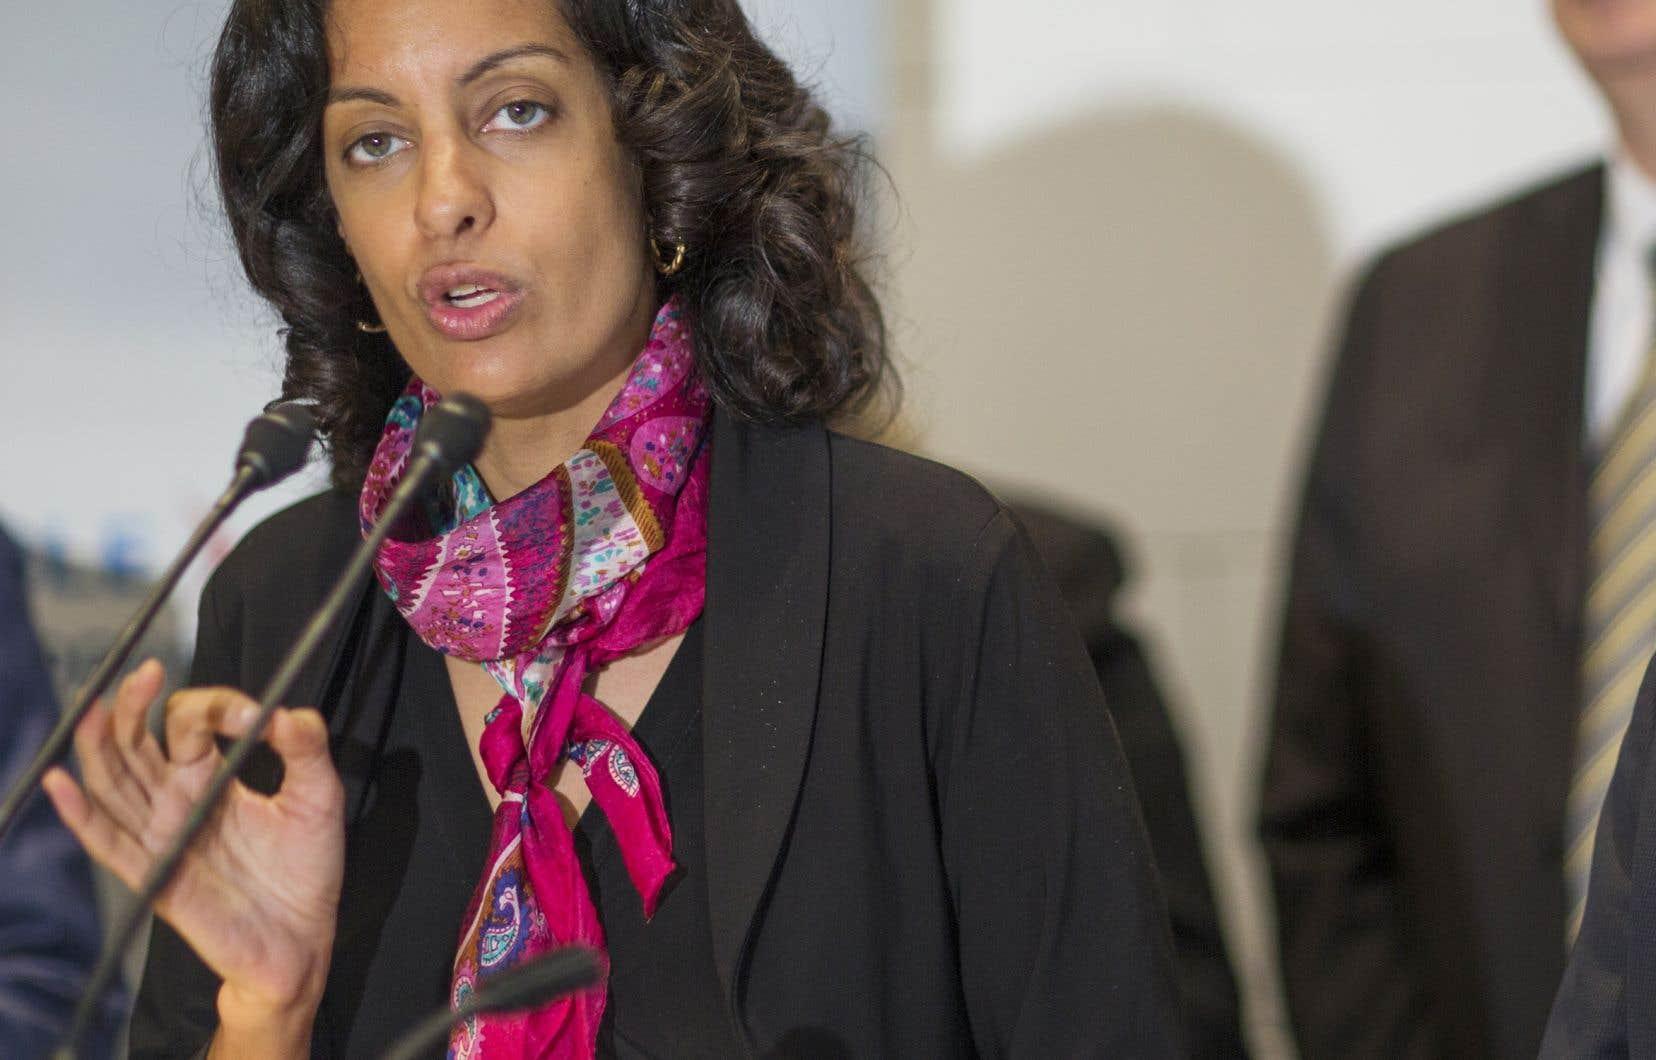 «Le Québec dispose de nombreux avantages qui lui permettent d'être particulièrement bien placé dans certains créneaux, mais le rôle du gouvernement sera essentiel», affirme la ministre Anglade.